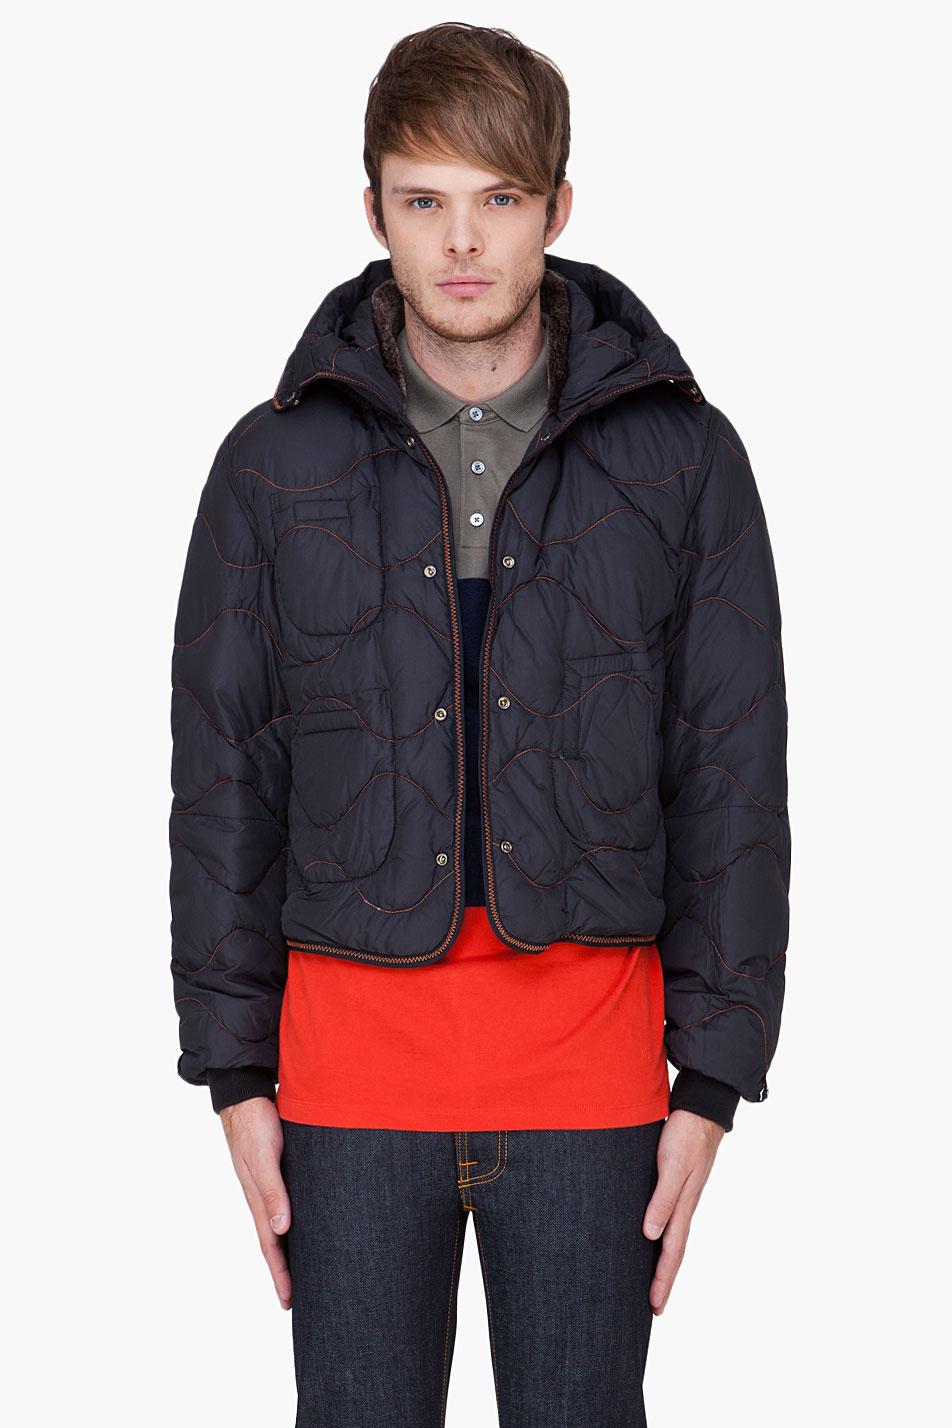 parajumpers windbreaker desert shell jacket mens